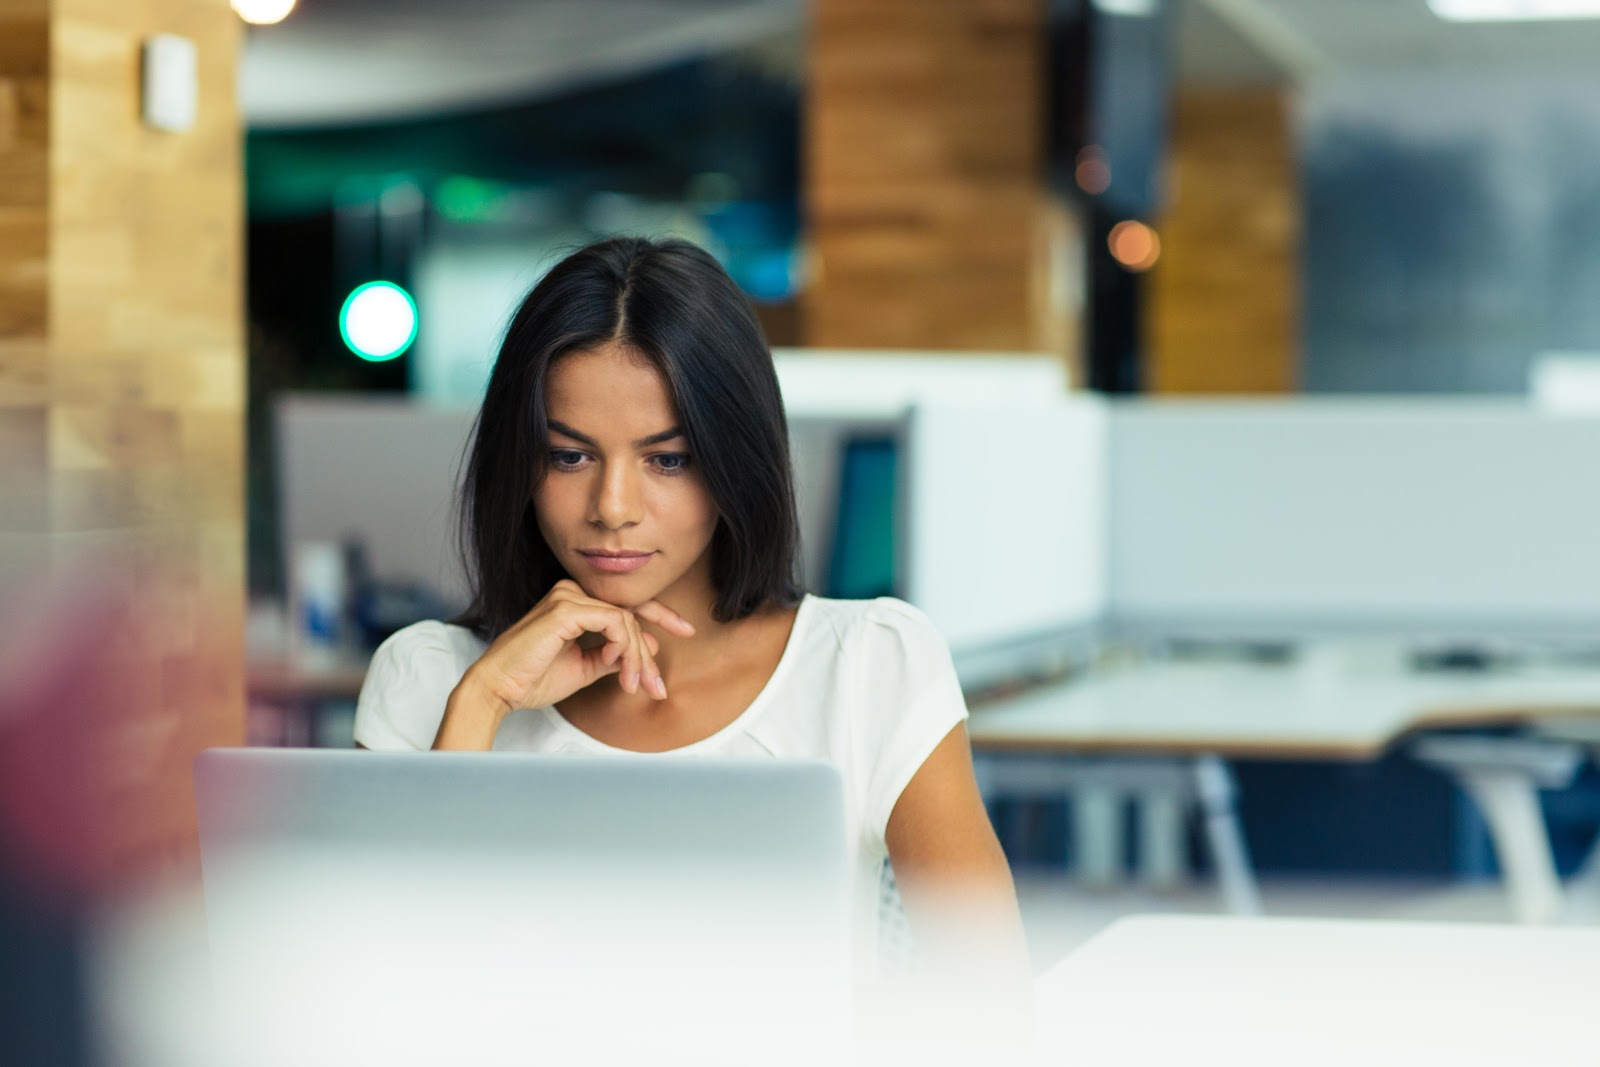 Mulher concentrada enquanto trabalha.